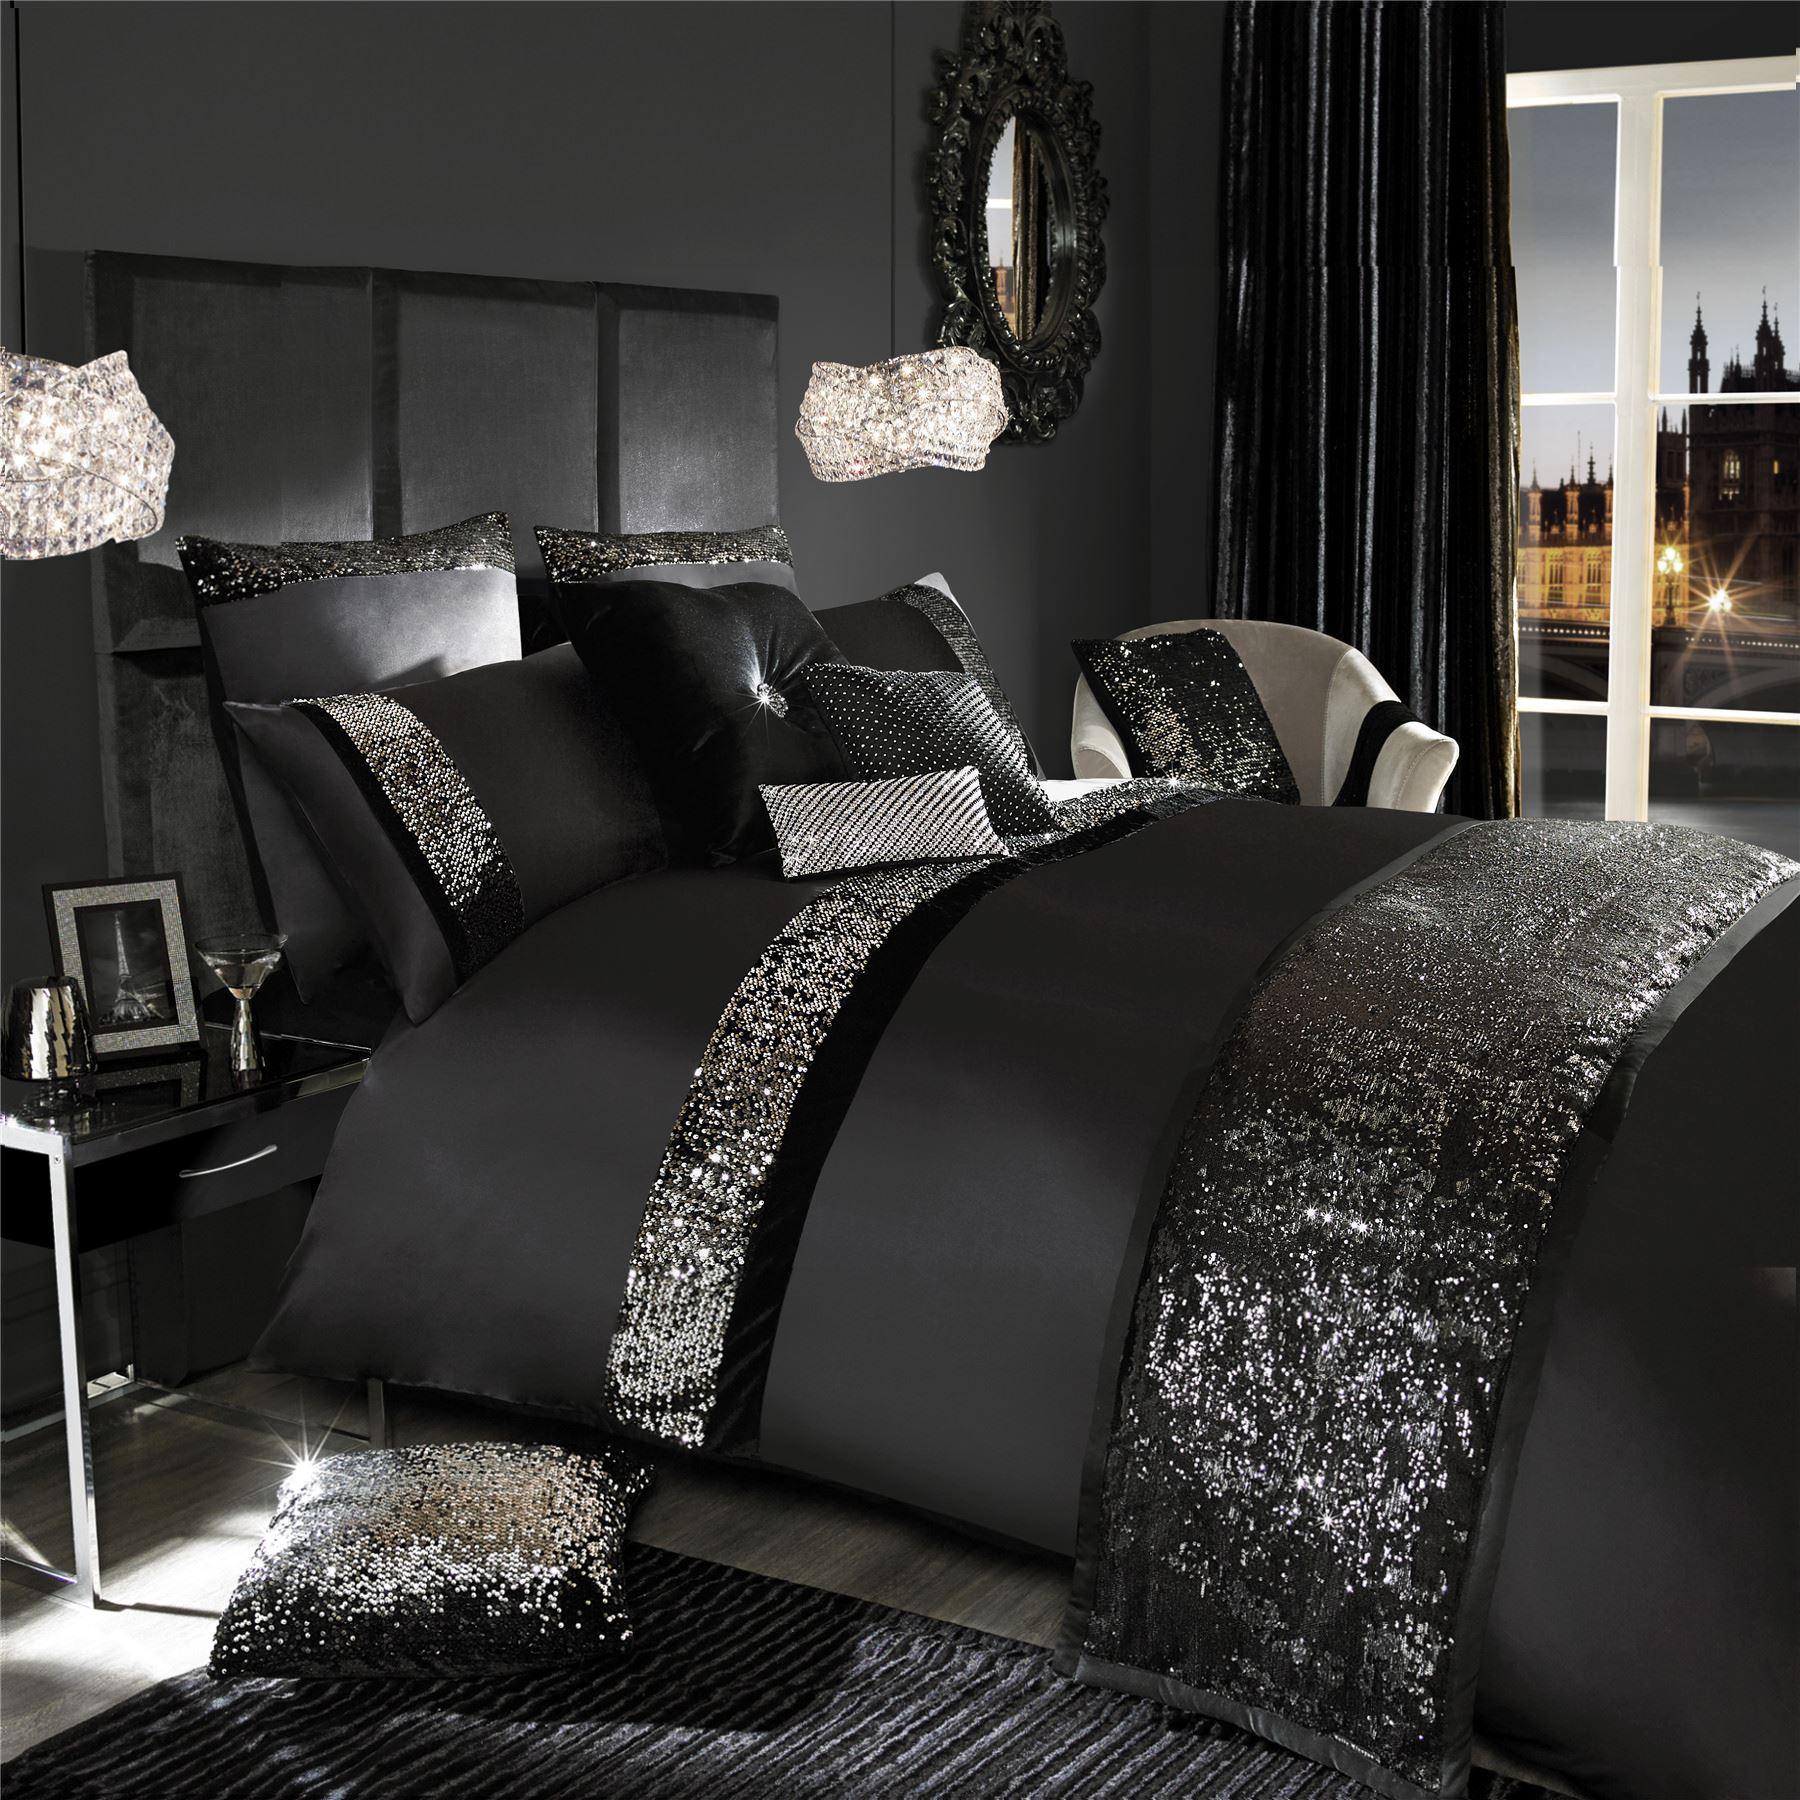 Kylie minogue velvetina designer sequined quilt duvet for Bed quilt designer